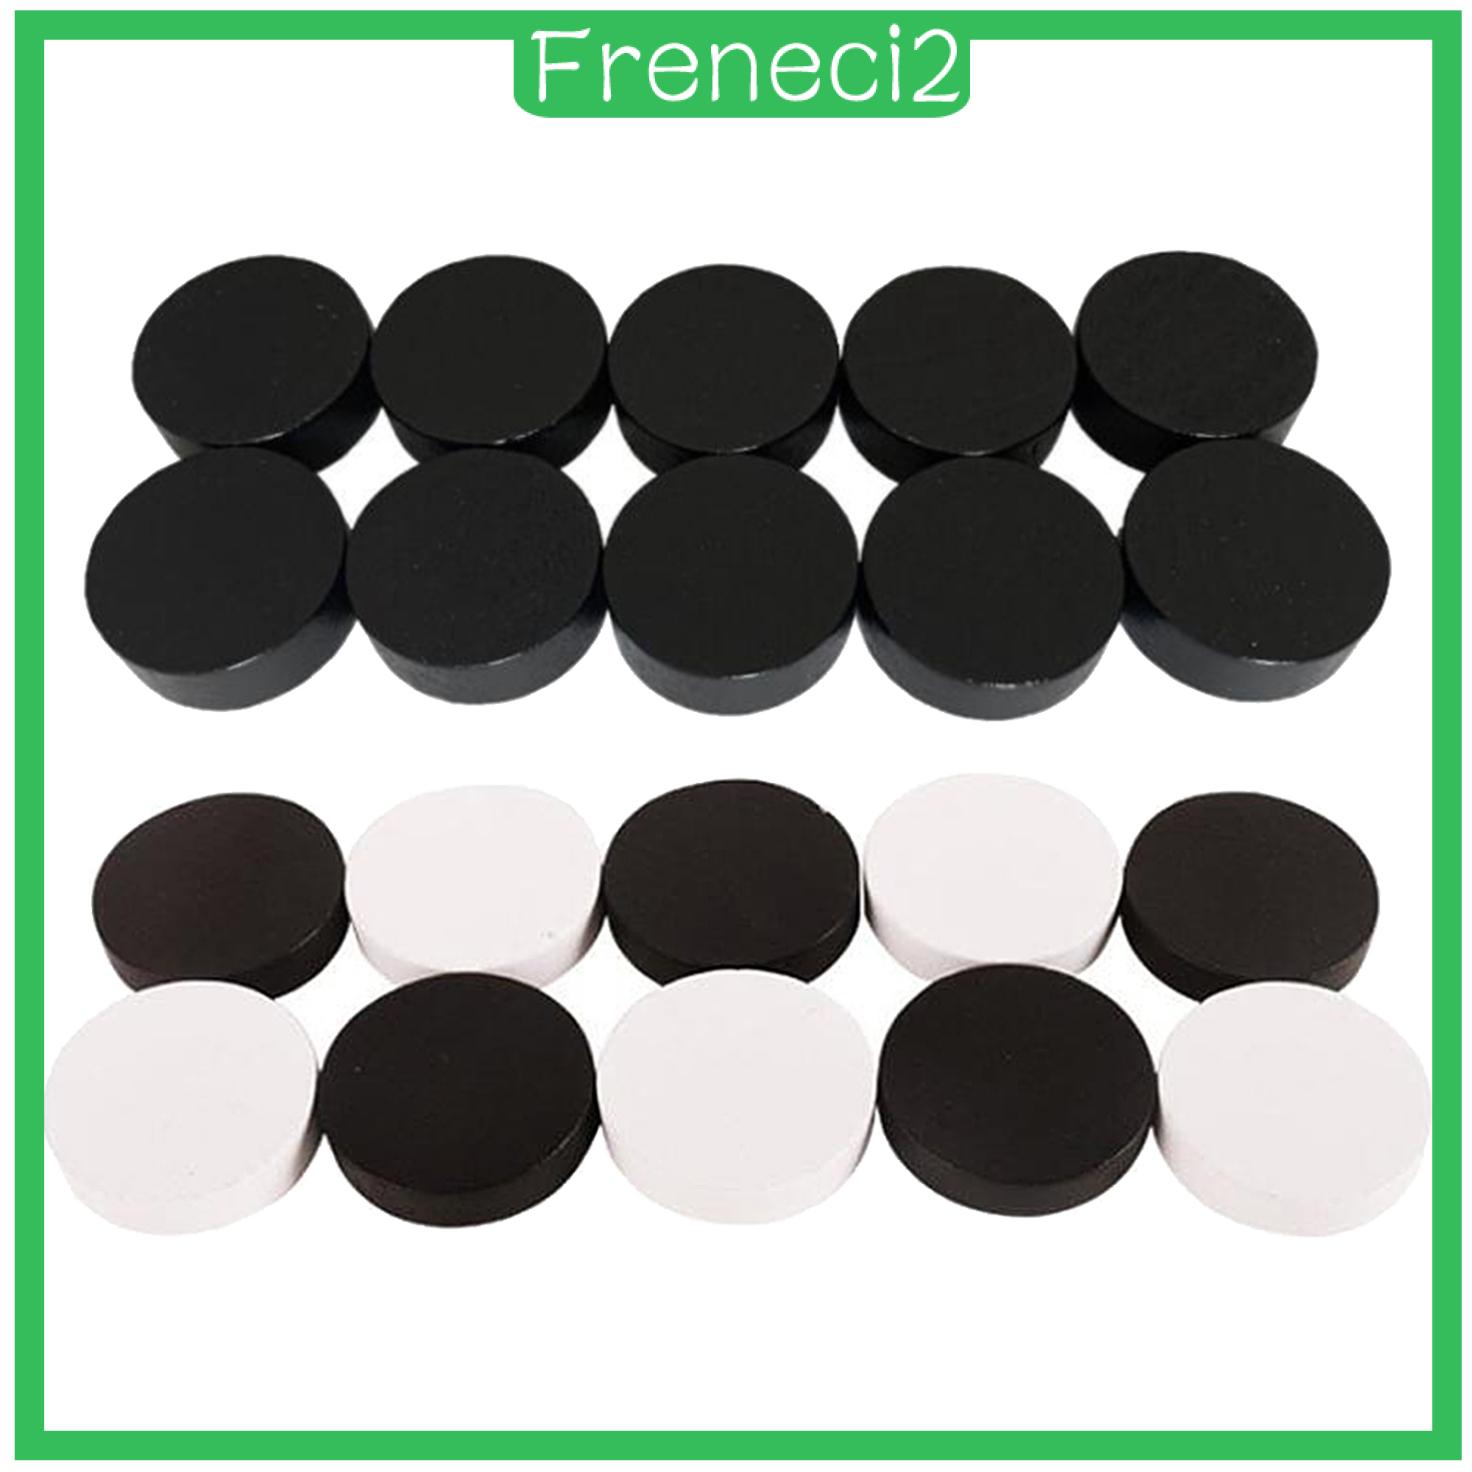 Set 10 Bảng Chơi Game Trên Băng Freneci2 2.4×0.7cm (Freneci2) 10x